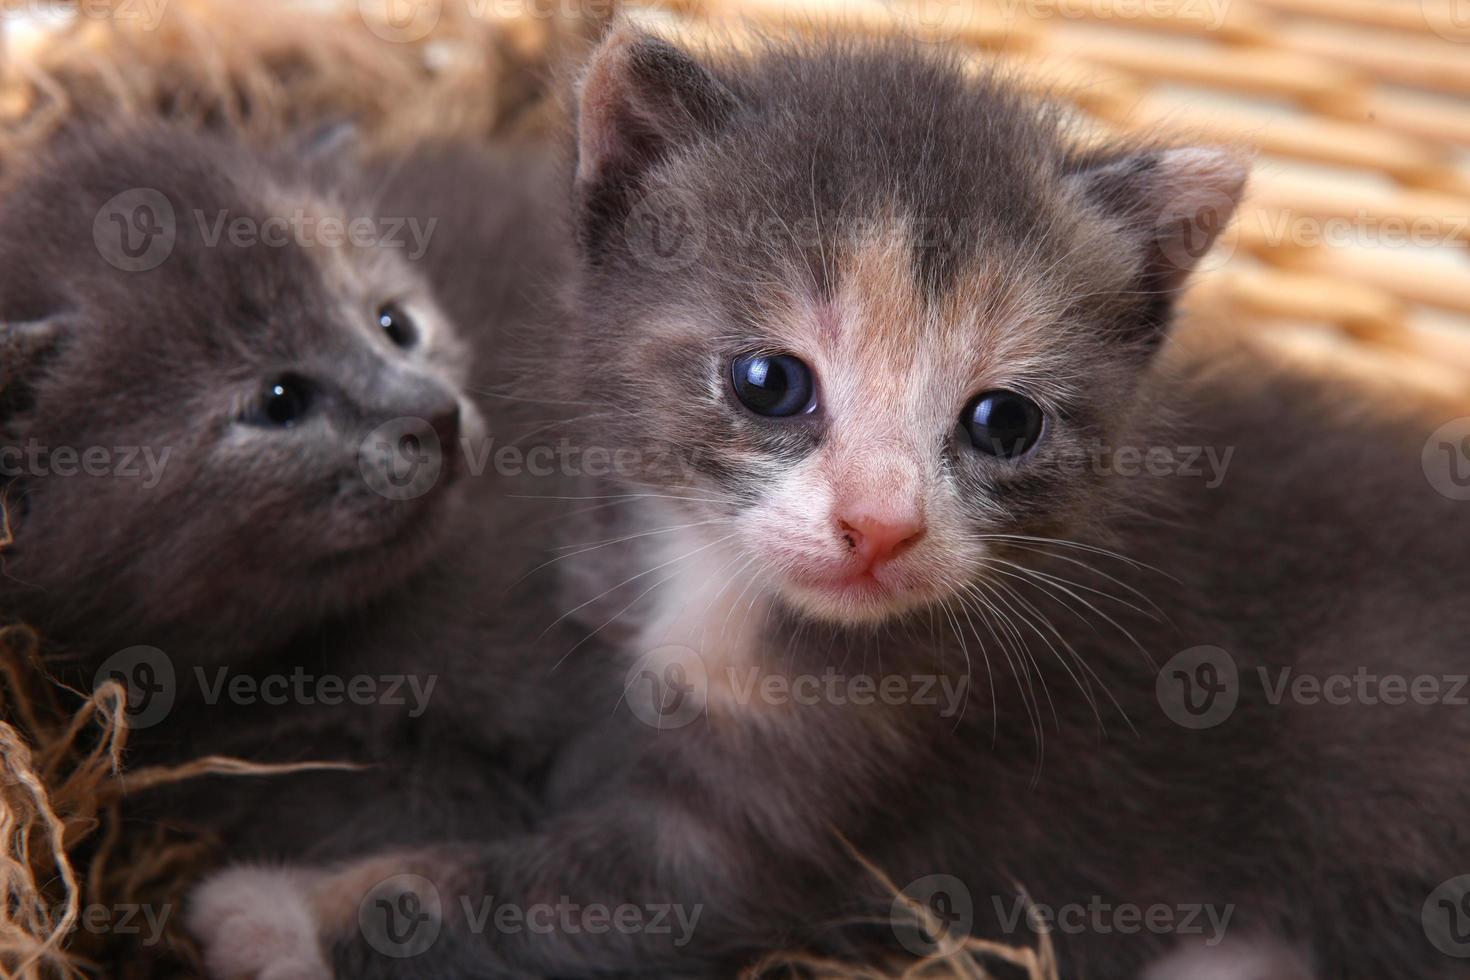 gattino appena nato in un cestino foto